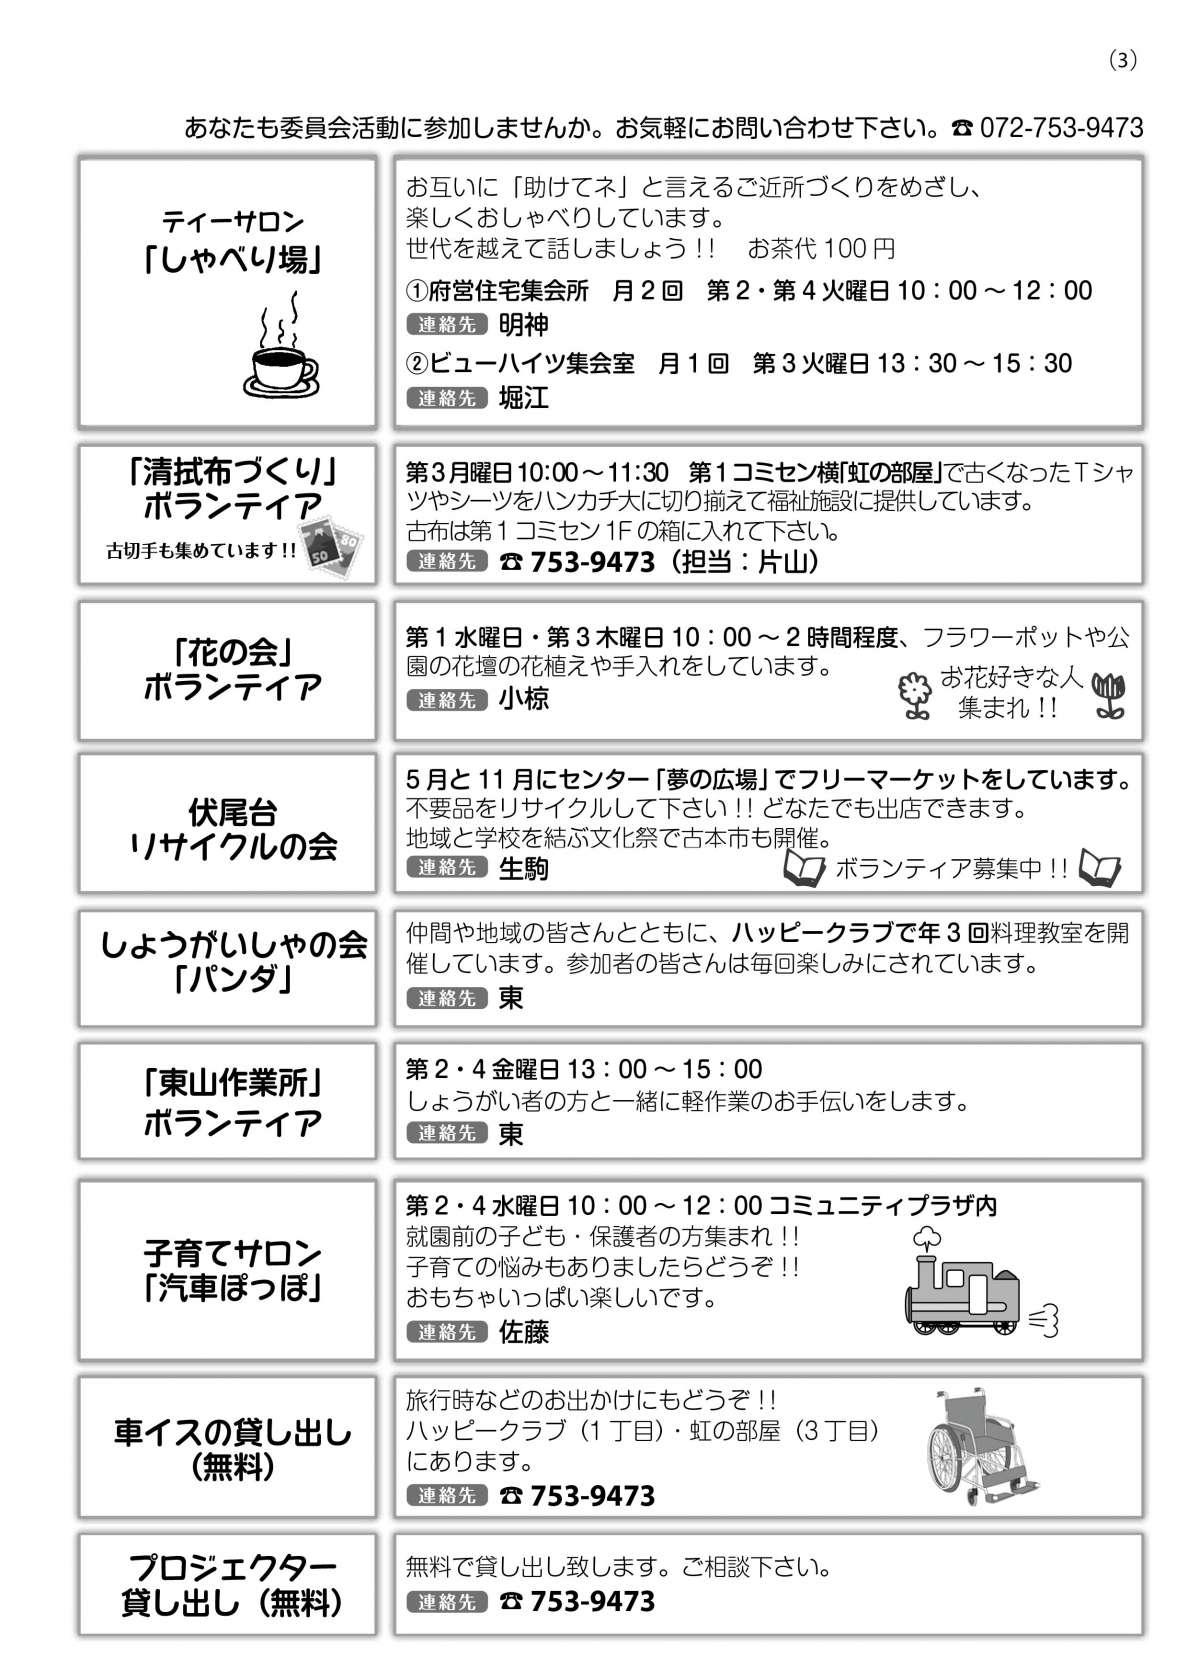 「助け合うまち伏尾台」伏尾台地区福祉委員会 活動リスト